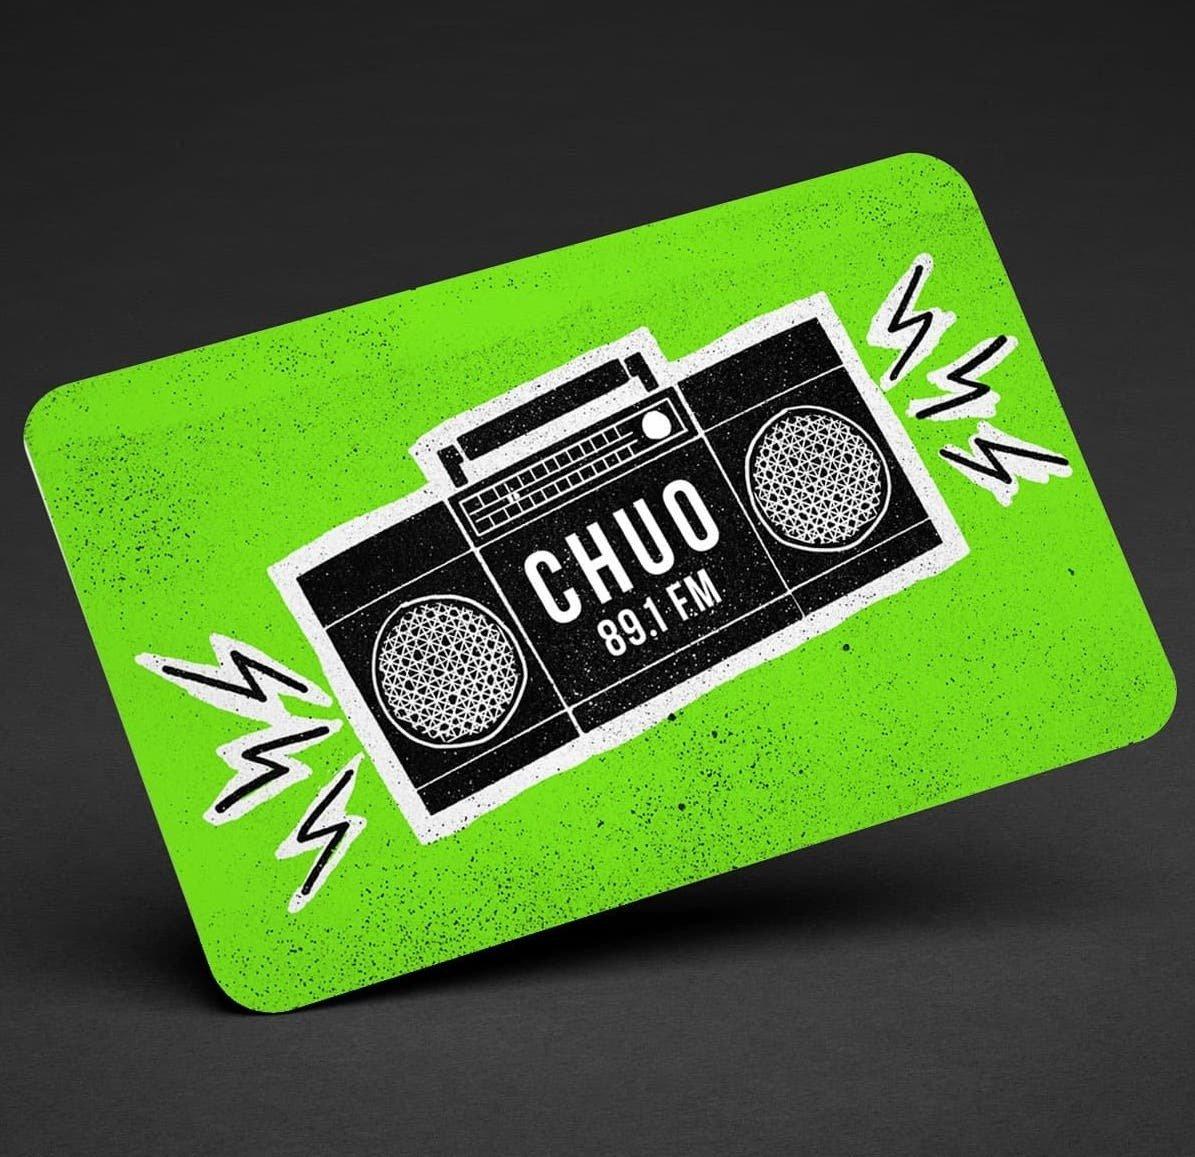 2019 CHUO Card 00001